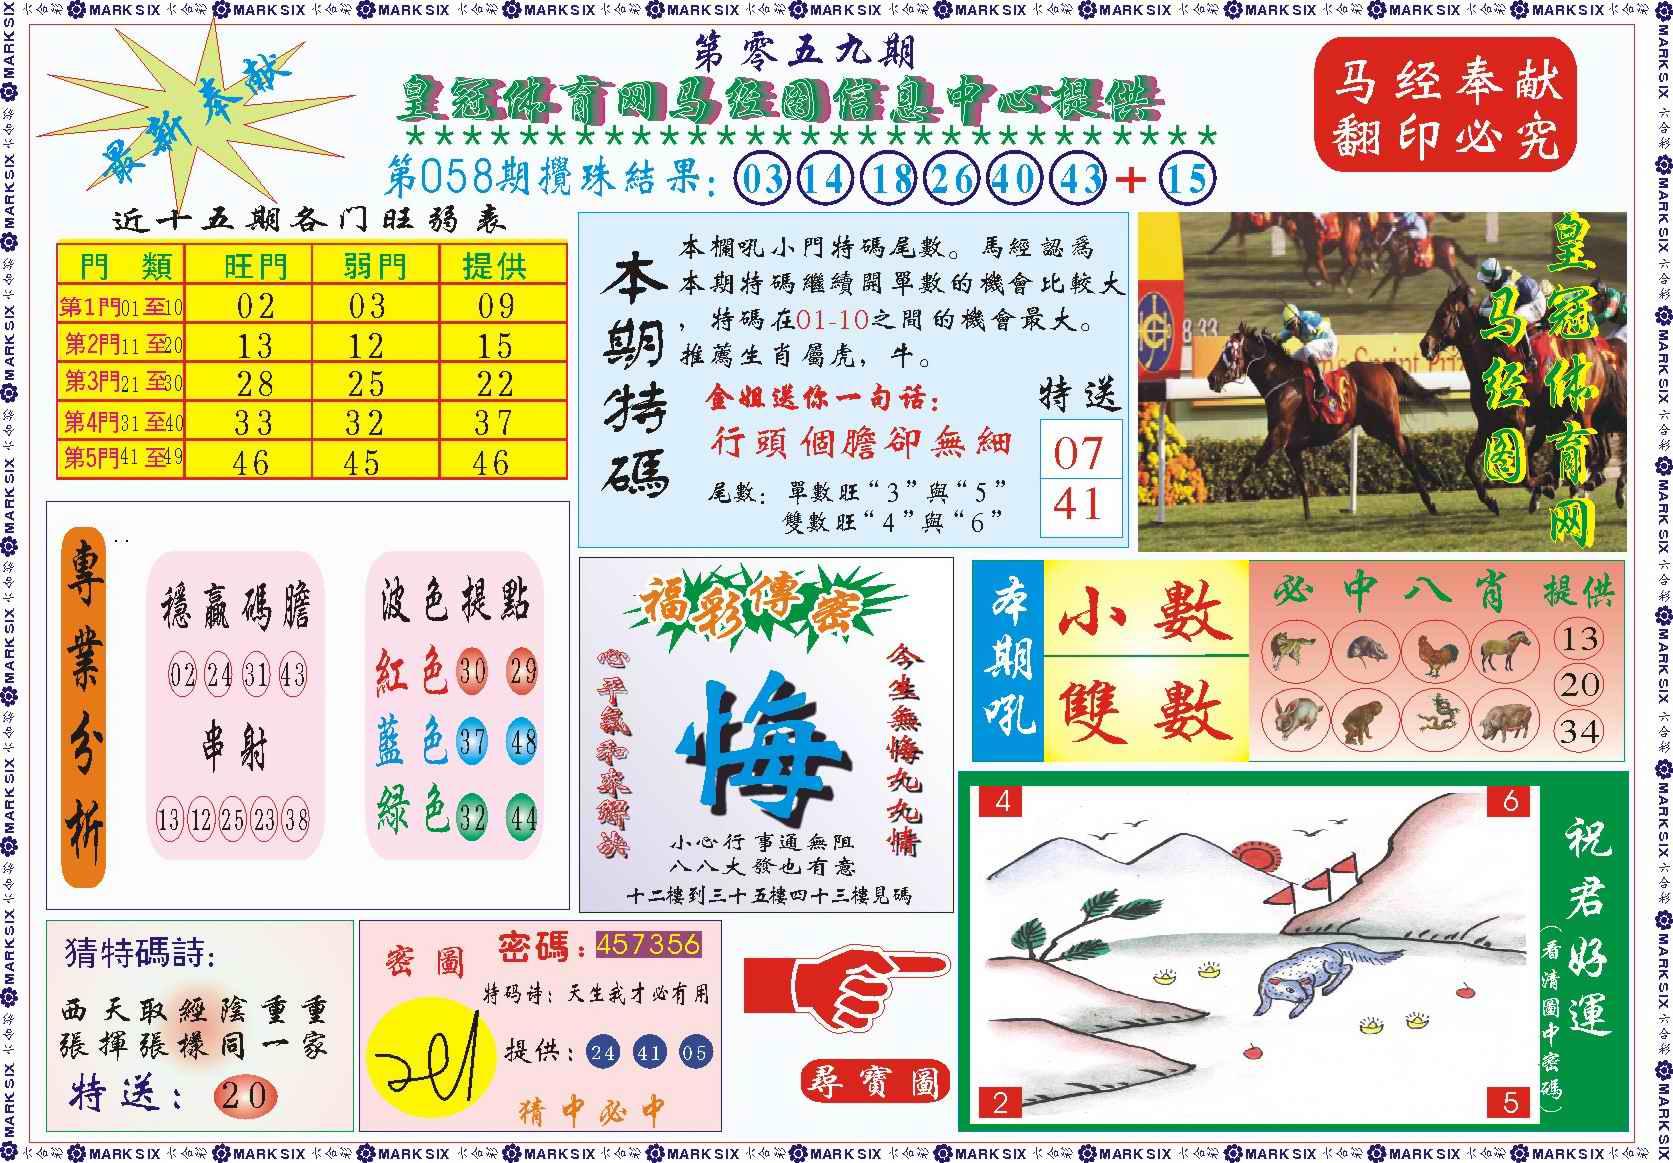 059期皇冠体育网马经图记录